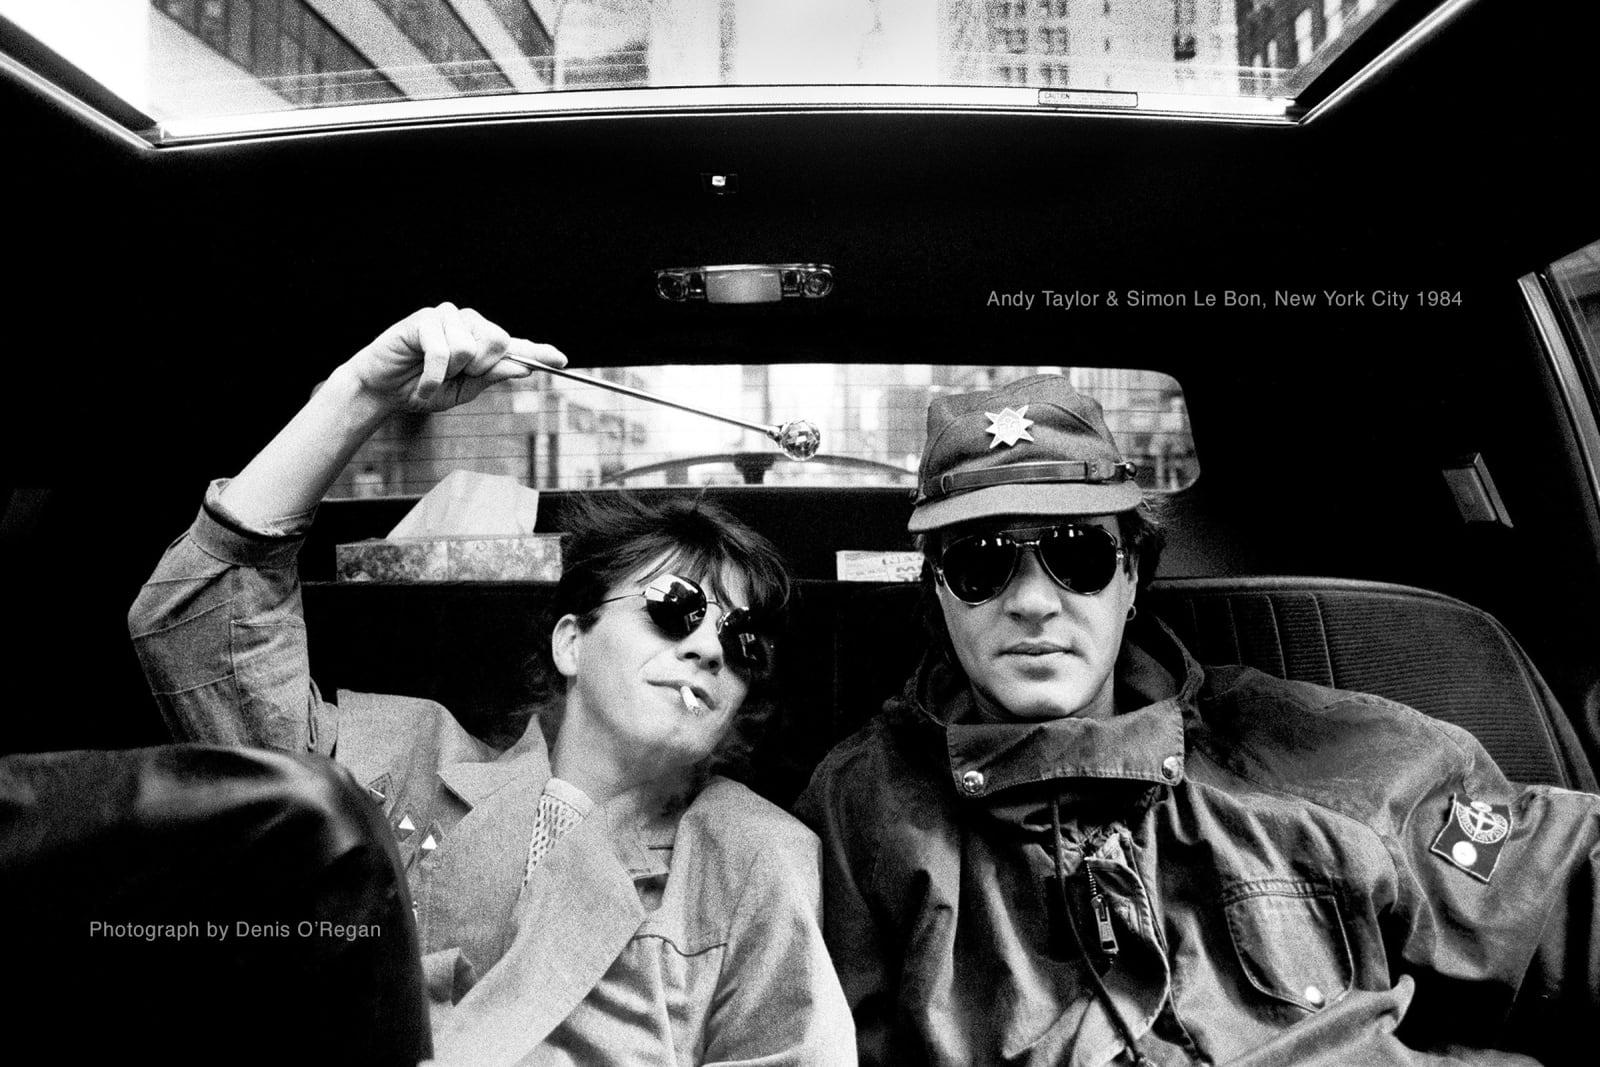 DURAN DURAN, Andy Taylor & Simon Le Bon NYC, 1984